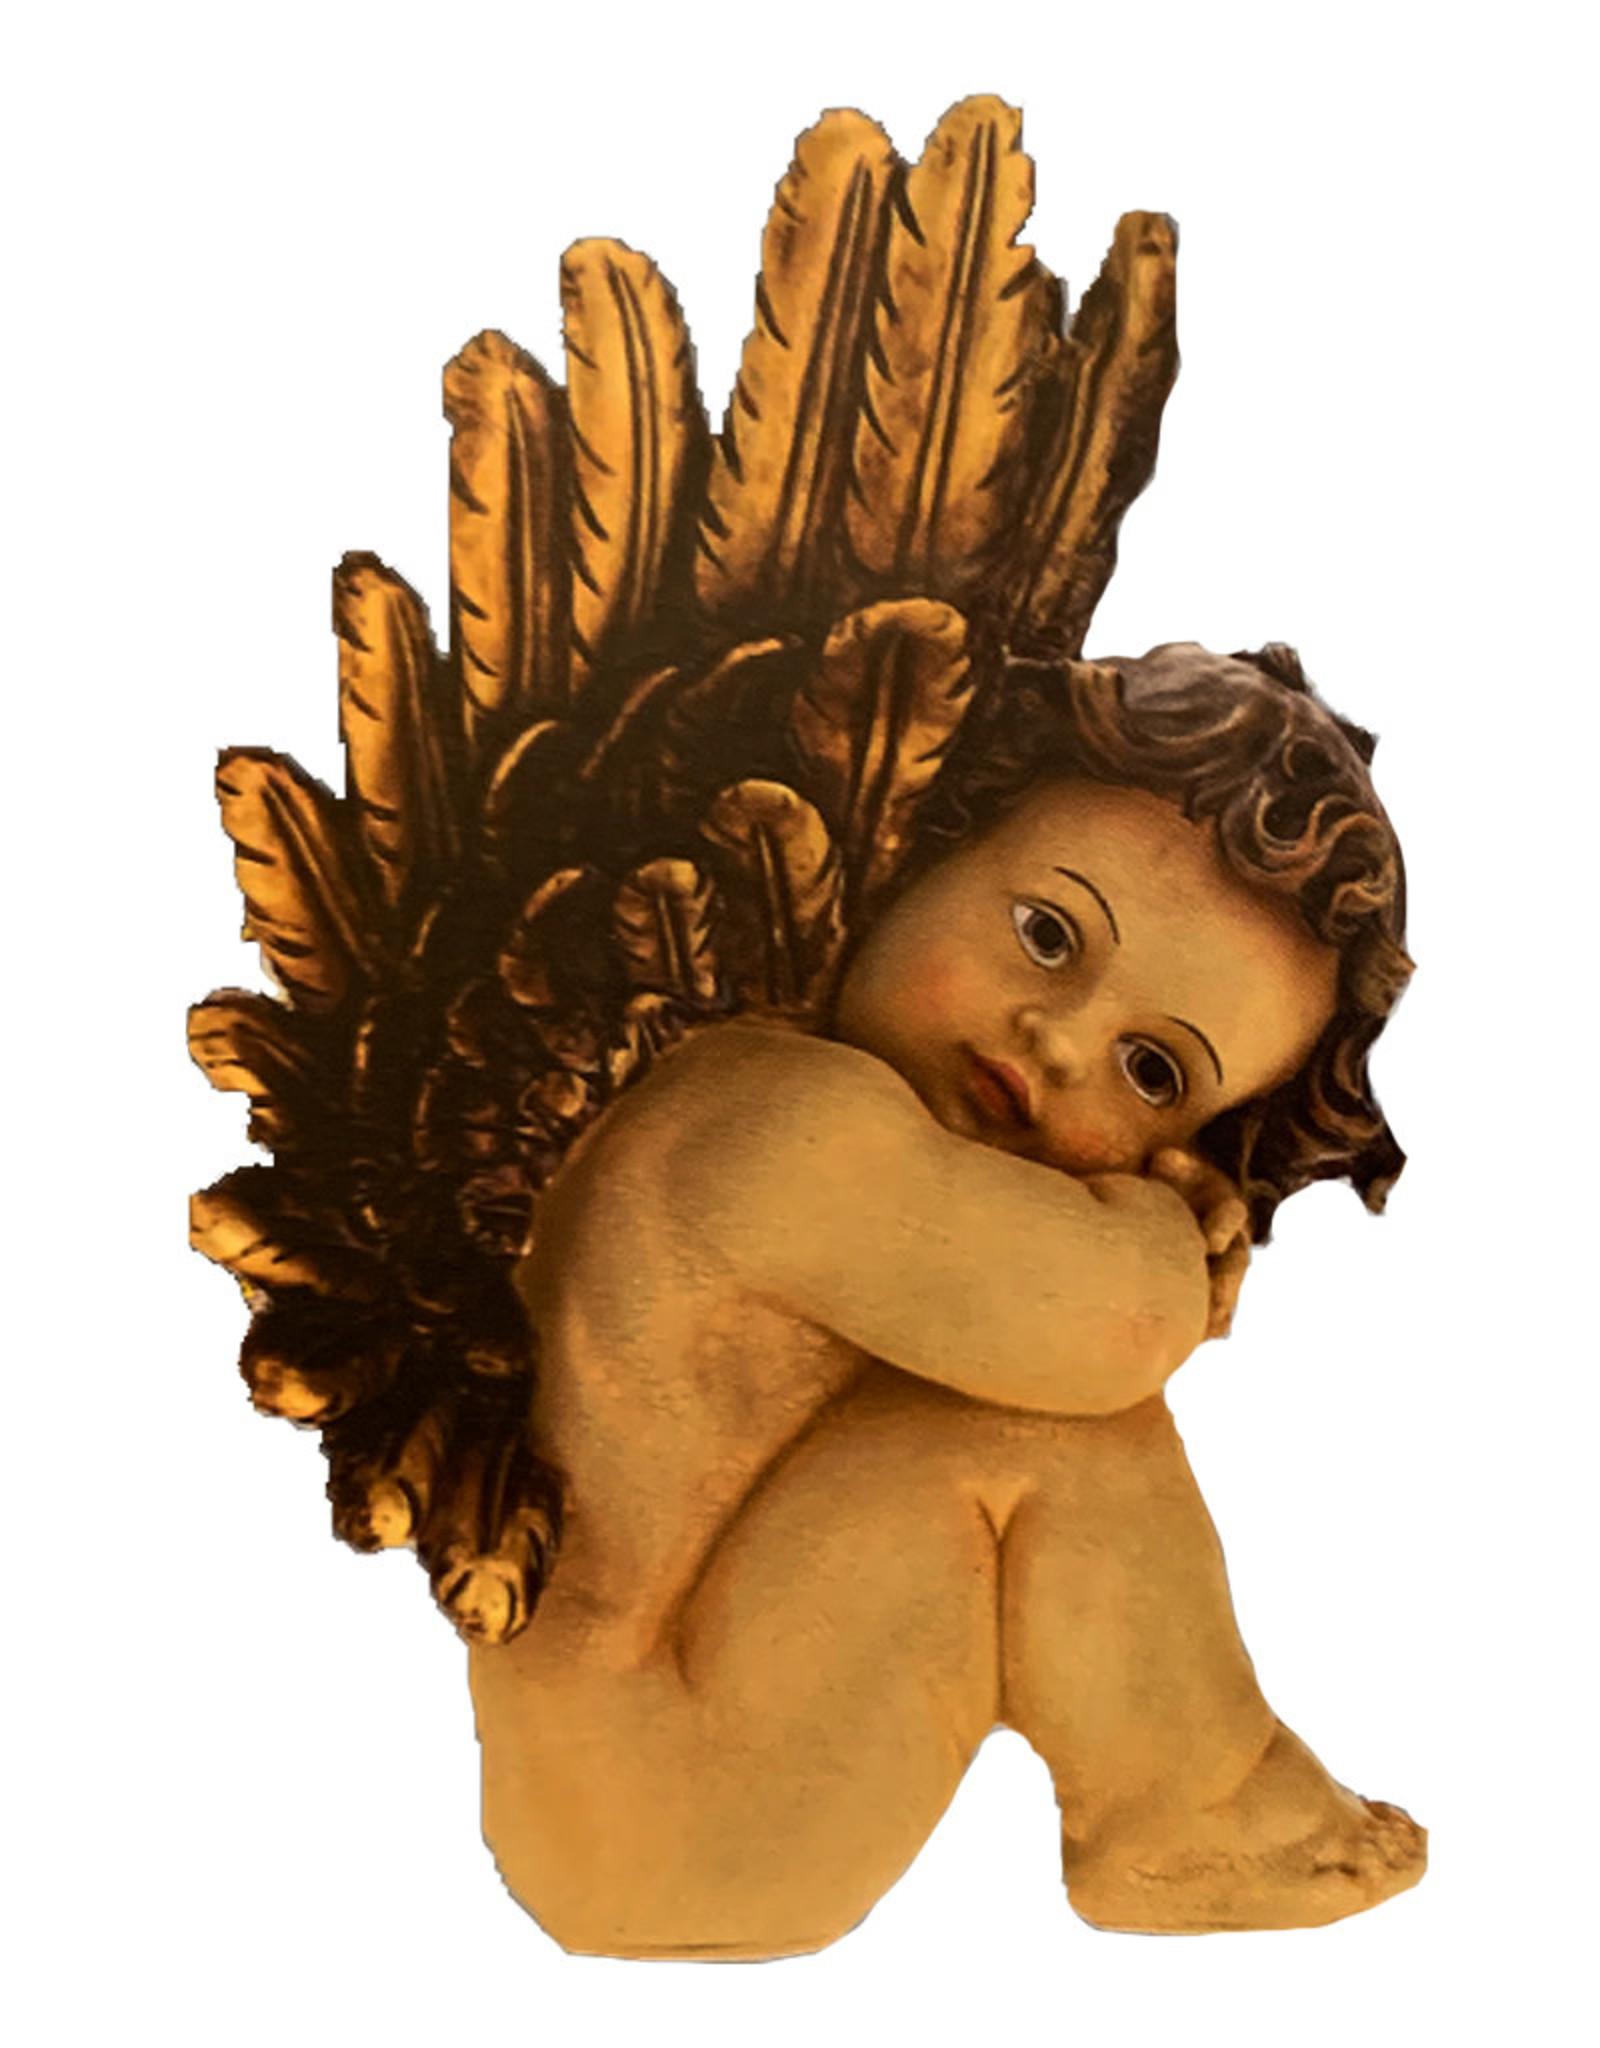 Angelic Cherub Sitting - A